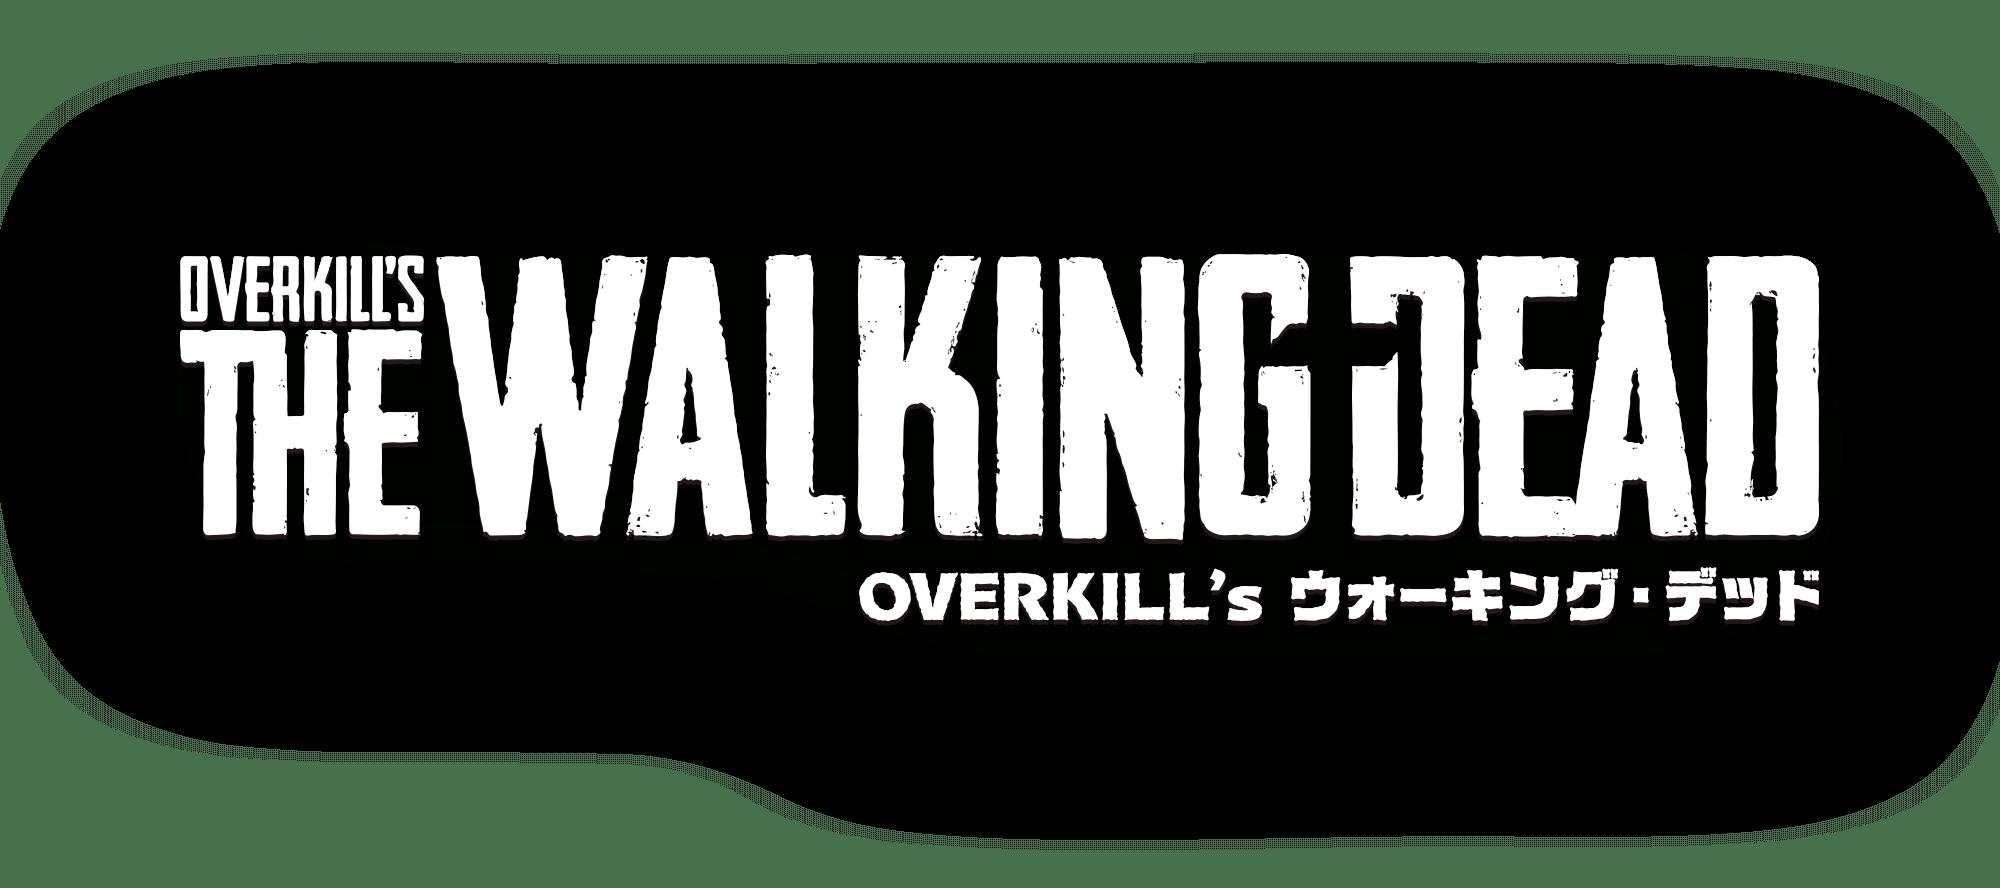 OVERKILL's THE WALKING DEAD|OVERKILL's ウォーキング・デッド